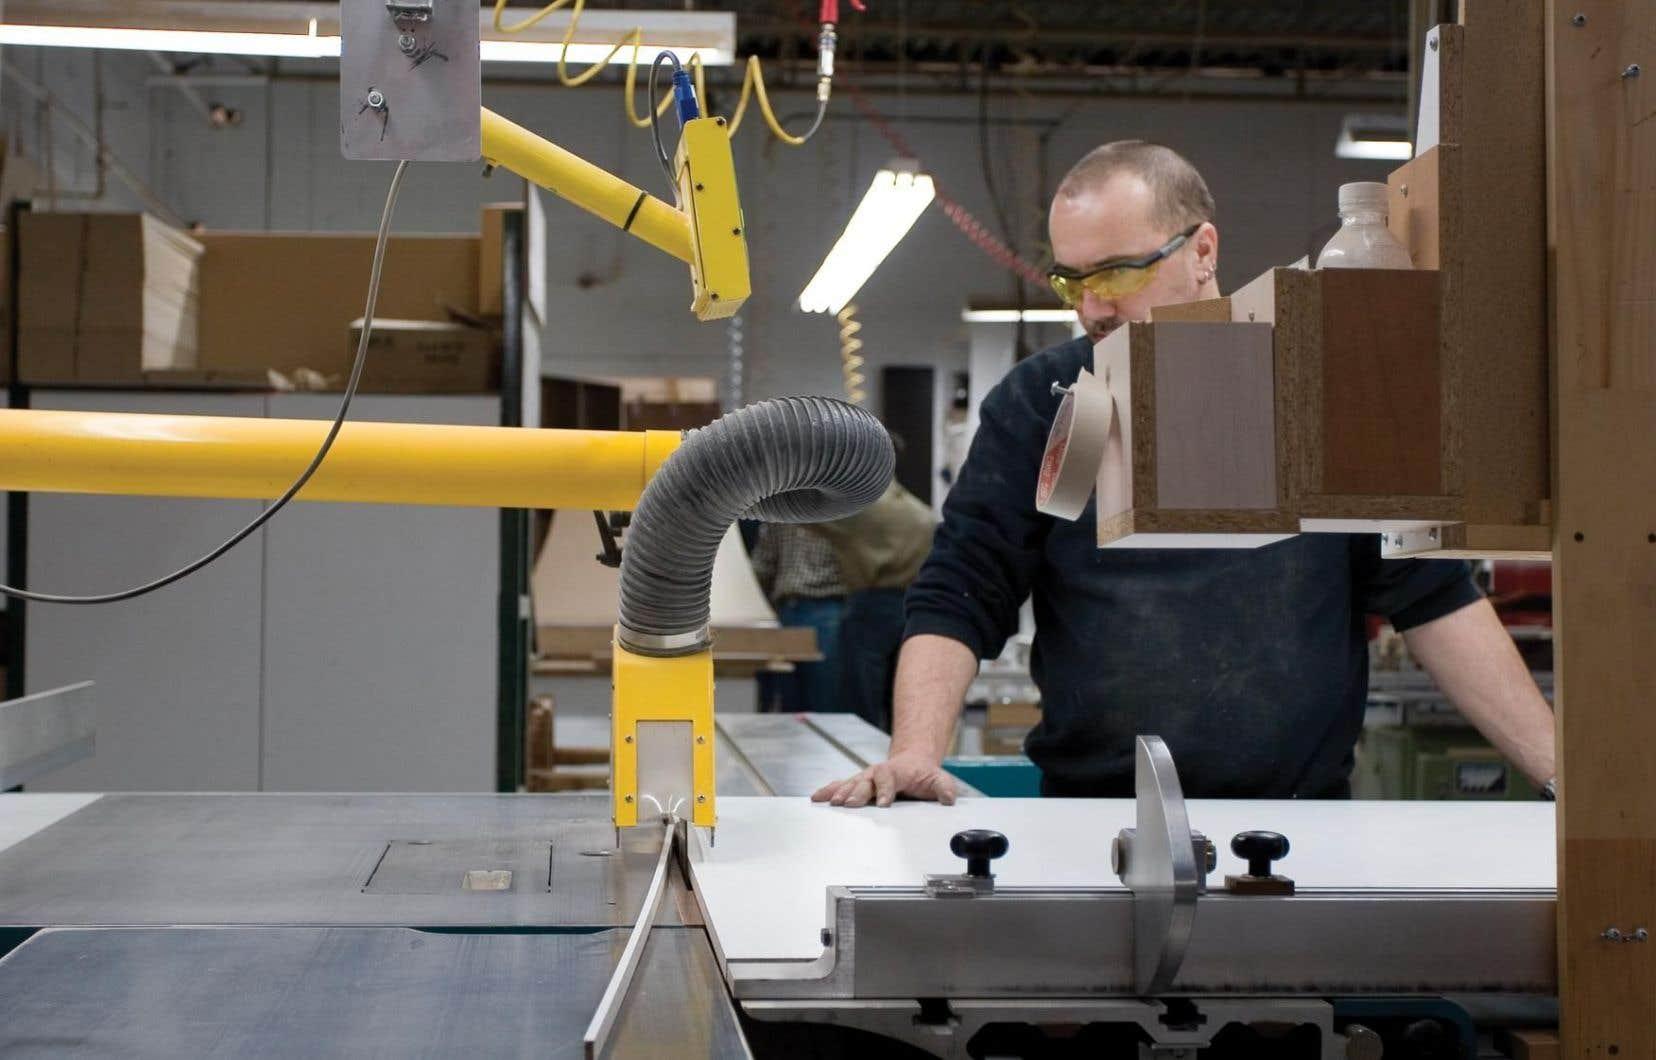 Selon la Fédération canadienne de l'entreprise indépendante, la moitié des entreprises québécoises comptent moins de cinq employés.